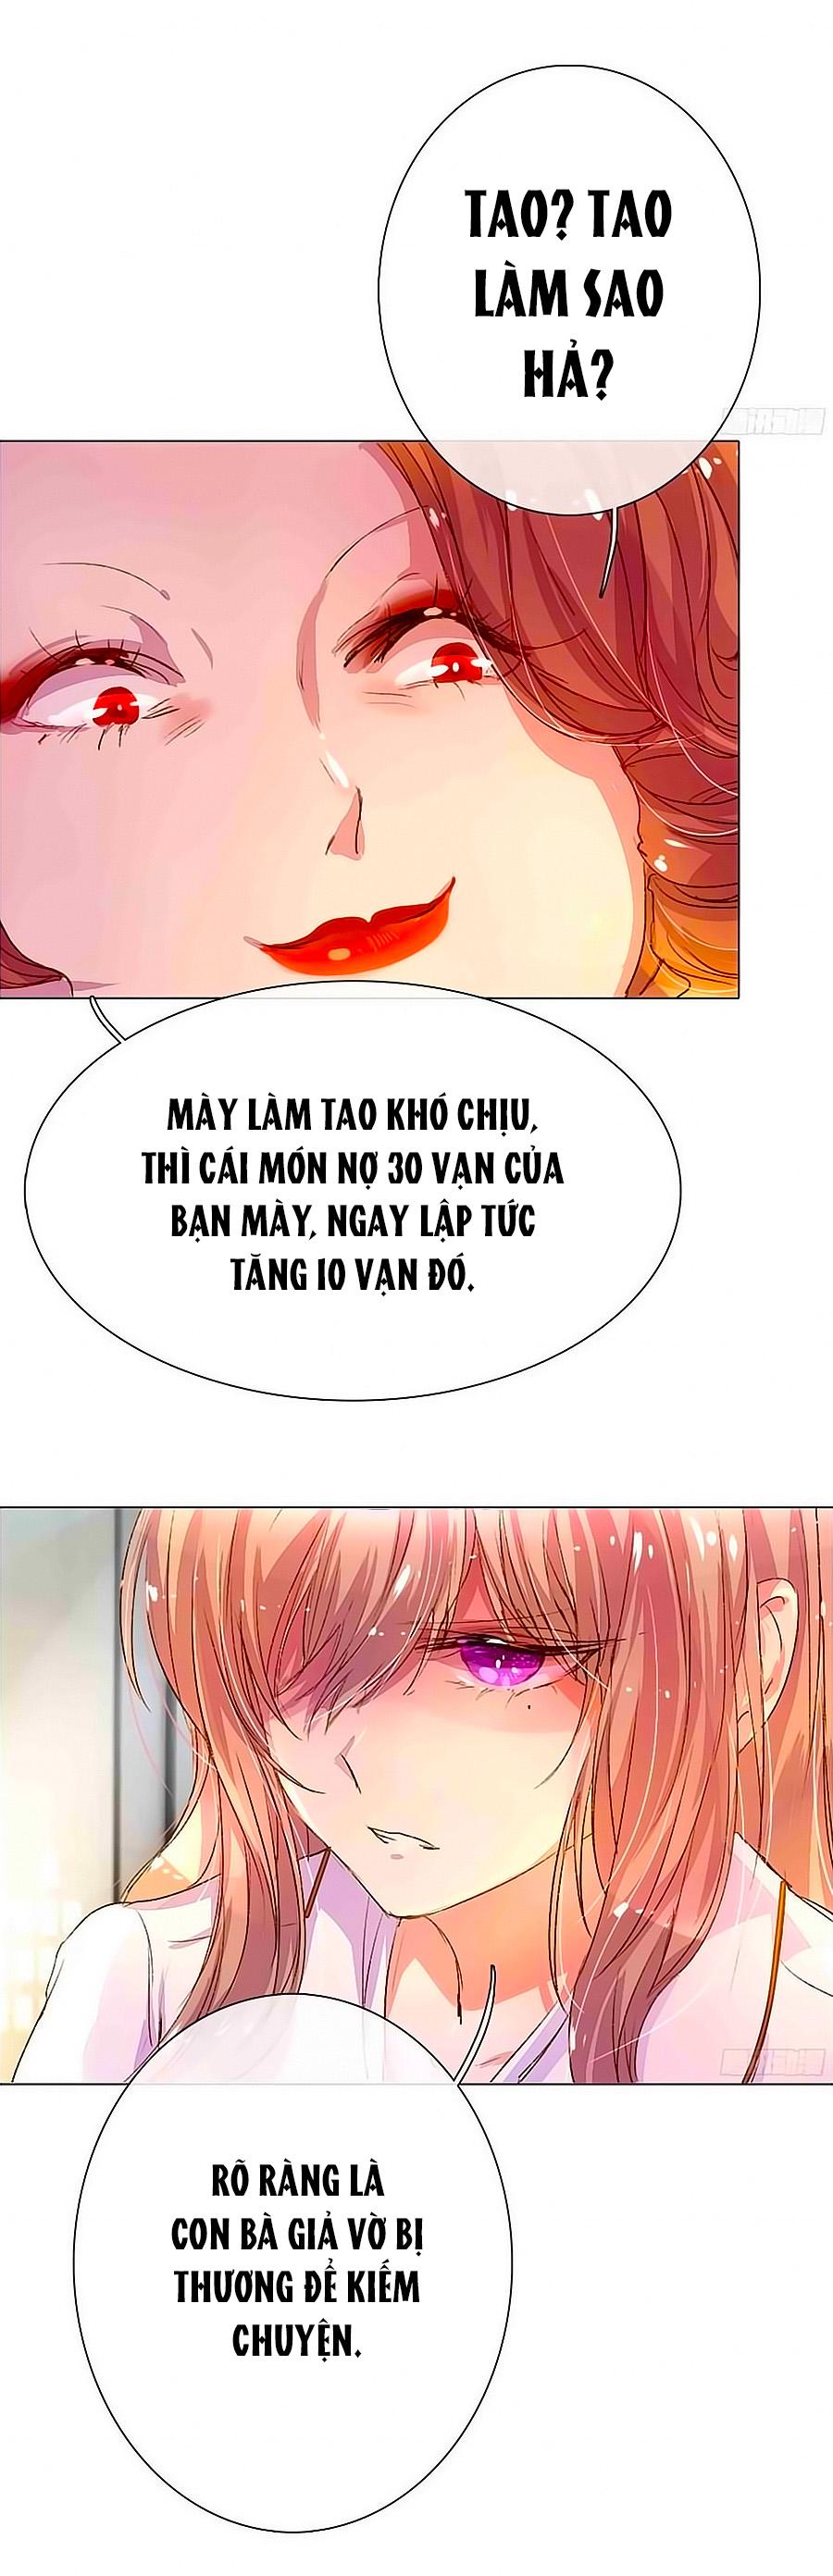 Hào Môn Tiểu Lãn Thê - Chap 25